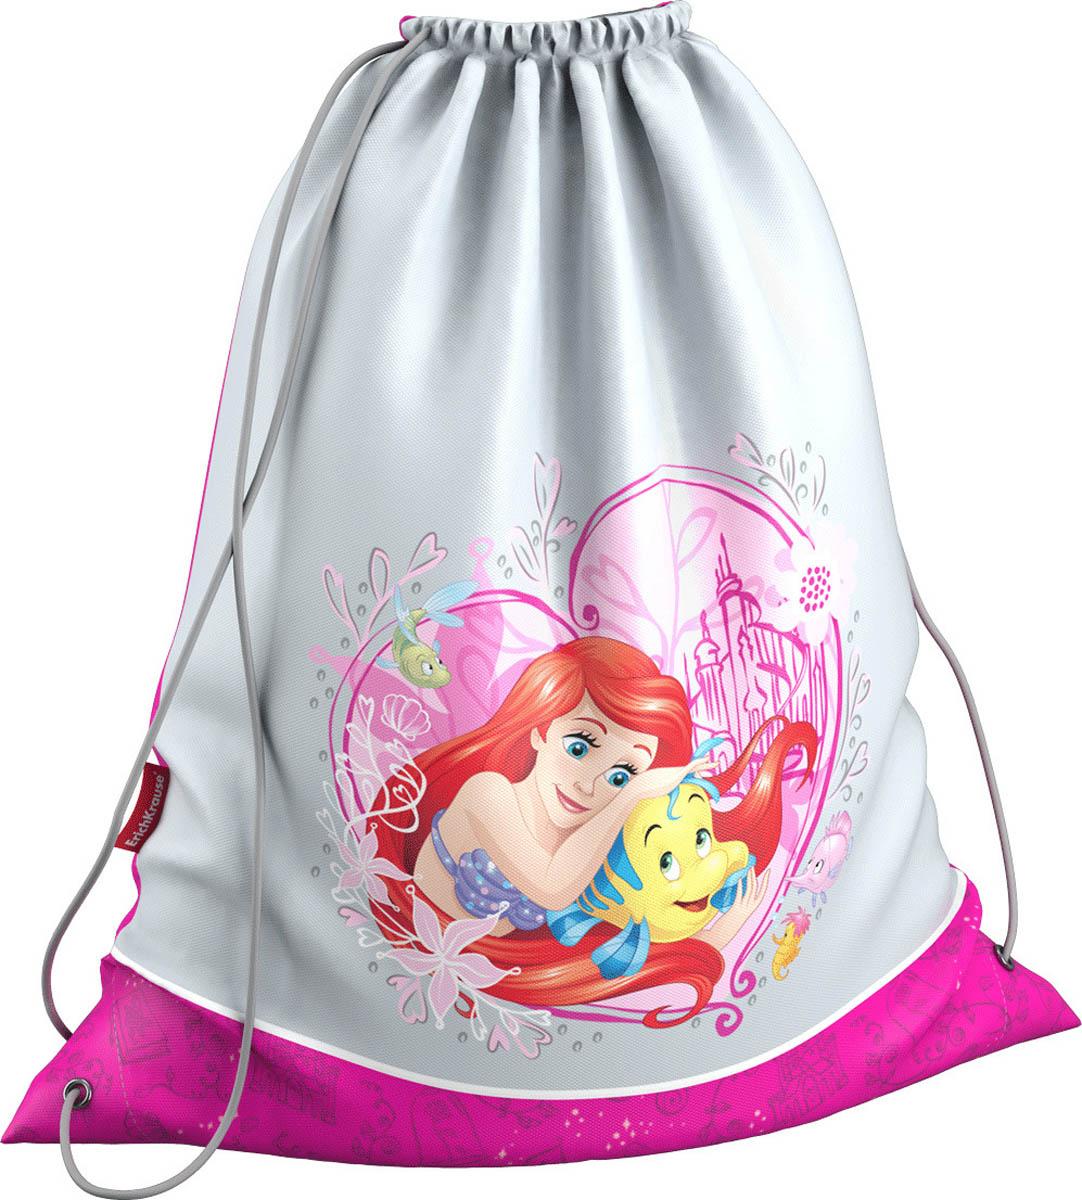 Erich Krause Мешок для обуви Принцессы Disney Большая мечта42291Мешок Erich Krause Принцессы Disney удобно использовать как для хранения, так и для переноски сменной обуви. Изделие выполнено из водонепроницаемого материала. Мешок затягивается сверху при помощи текстильных шнурков. Шнурки фиксируются в нижней части сумки, благодаря чему ее можно носить за спиной как рюкзак.